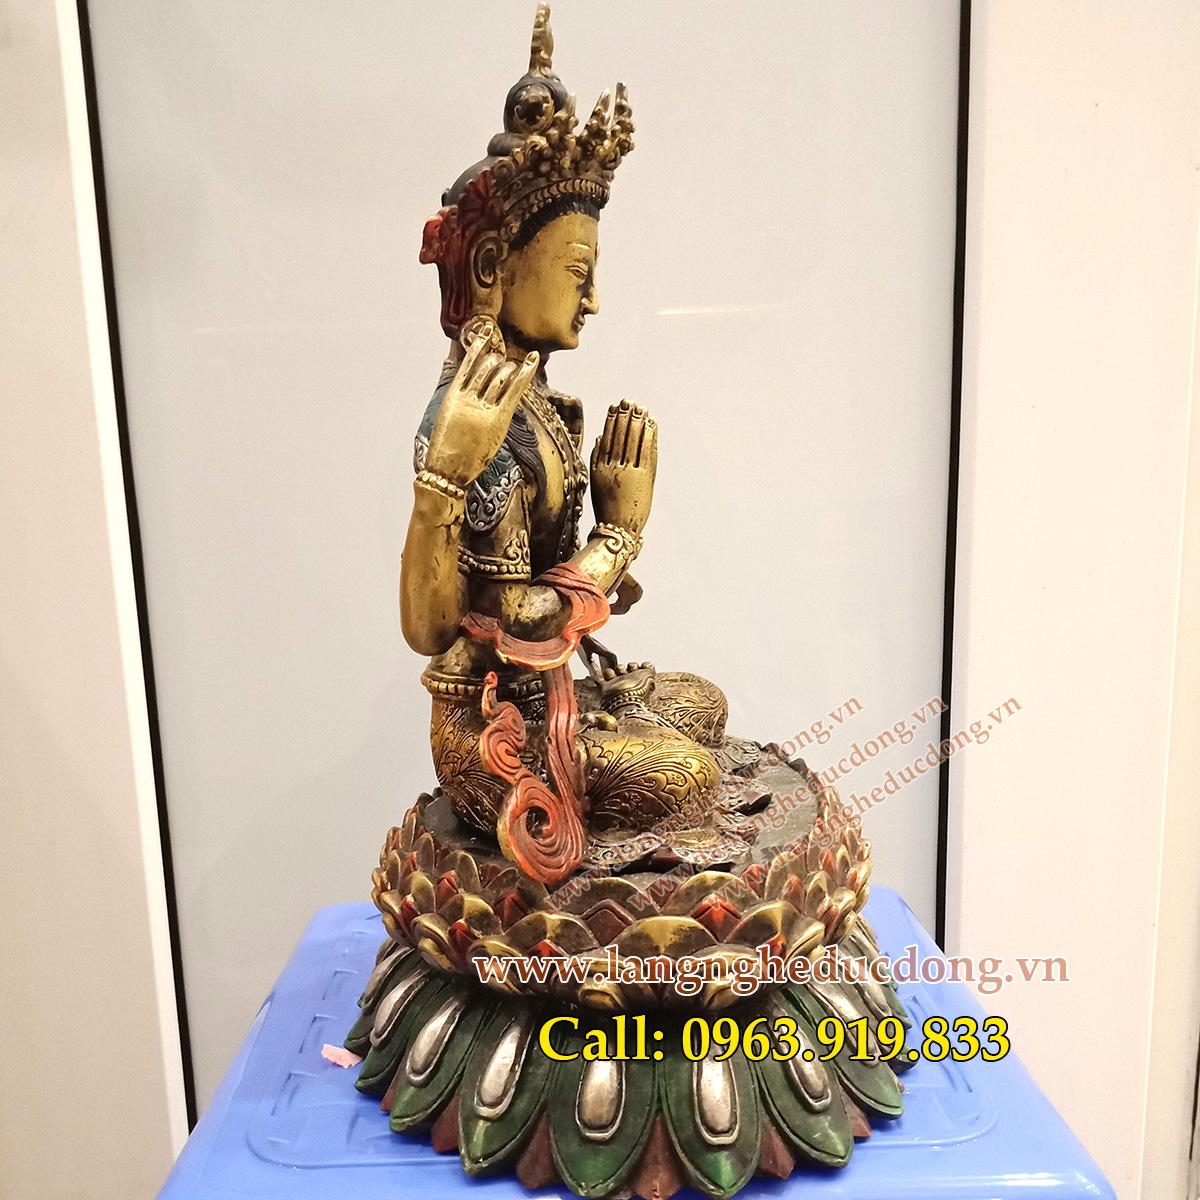 langngheducdong.vn - tượng đồng, tượng phật bằng đồng, tượng thờ cúng bằng đồng